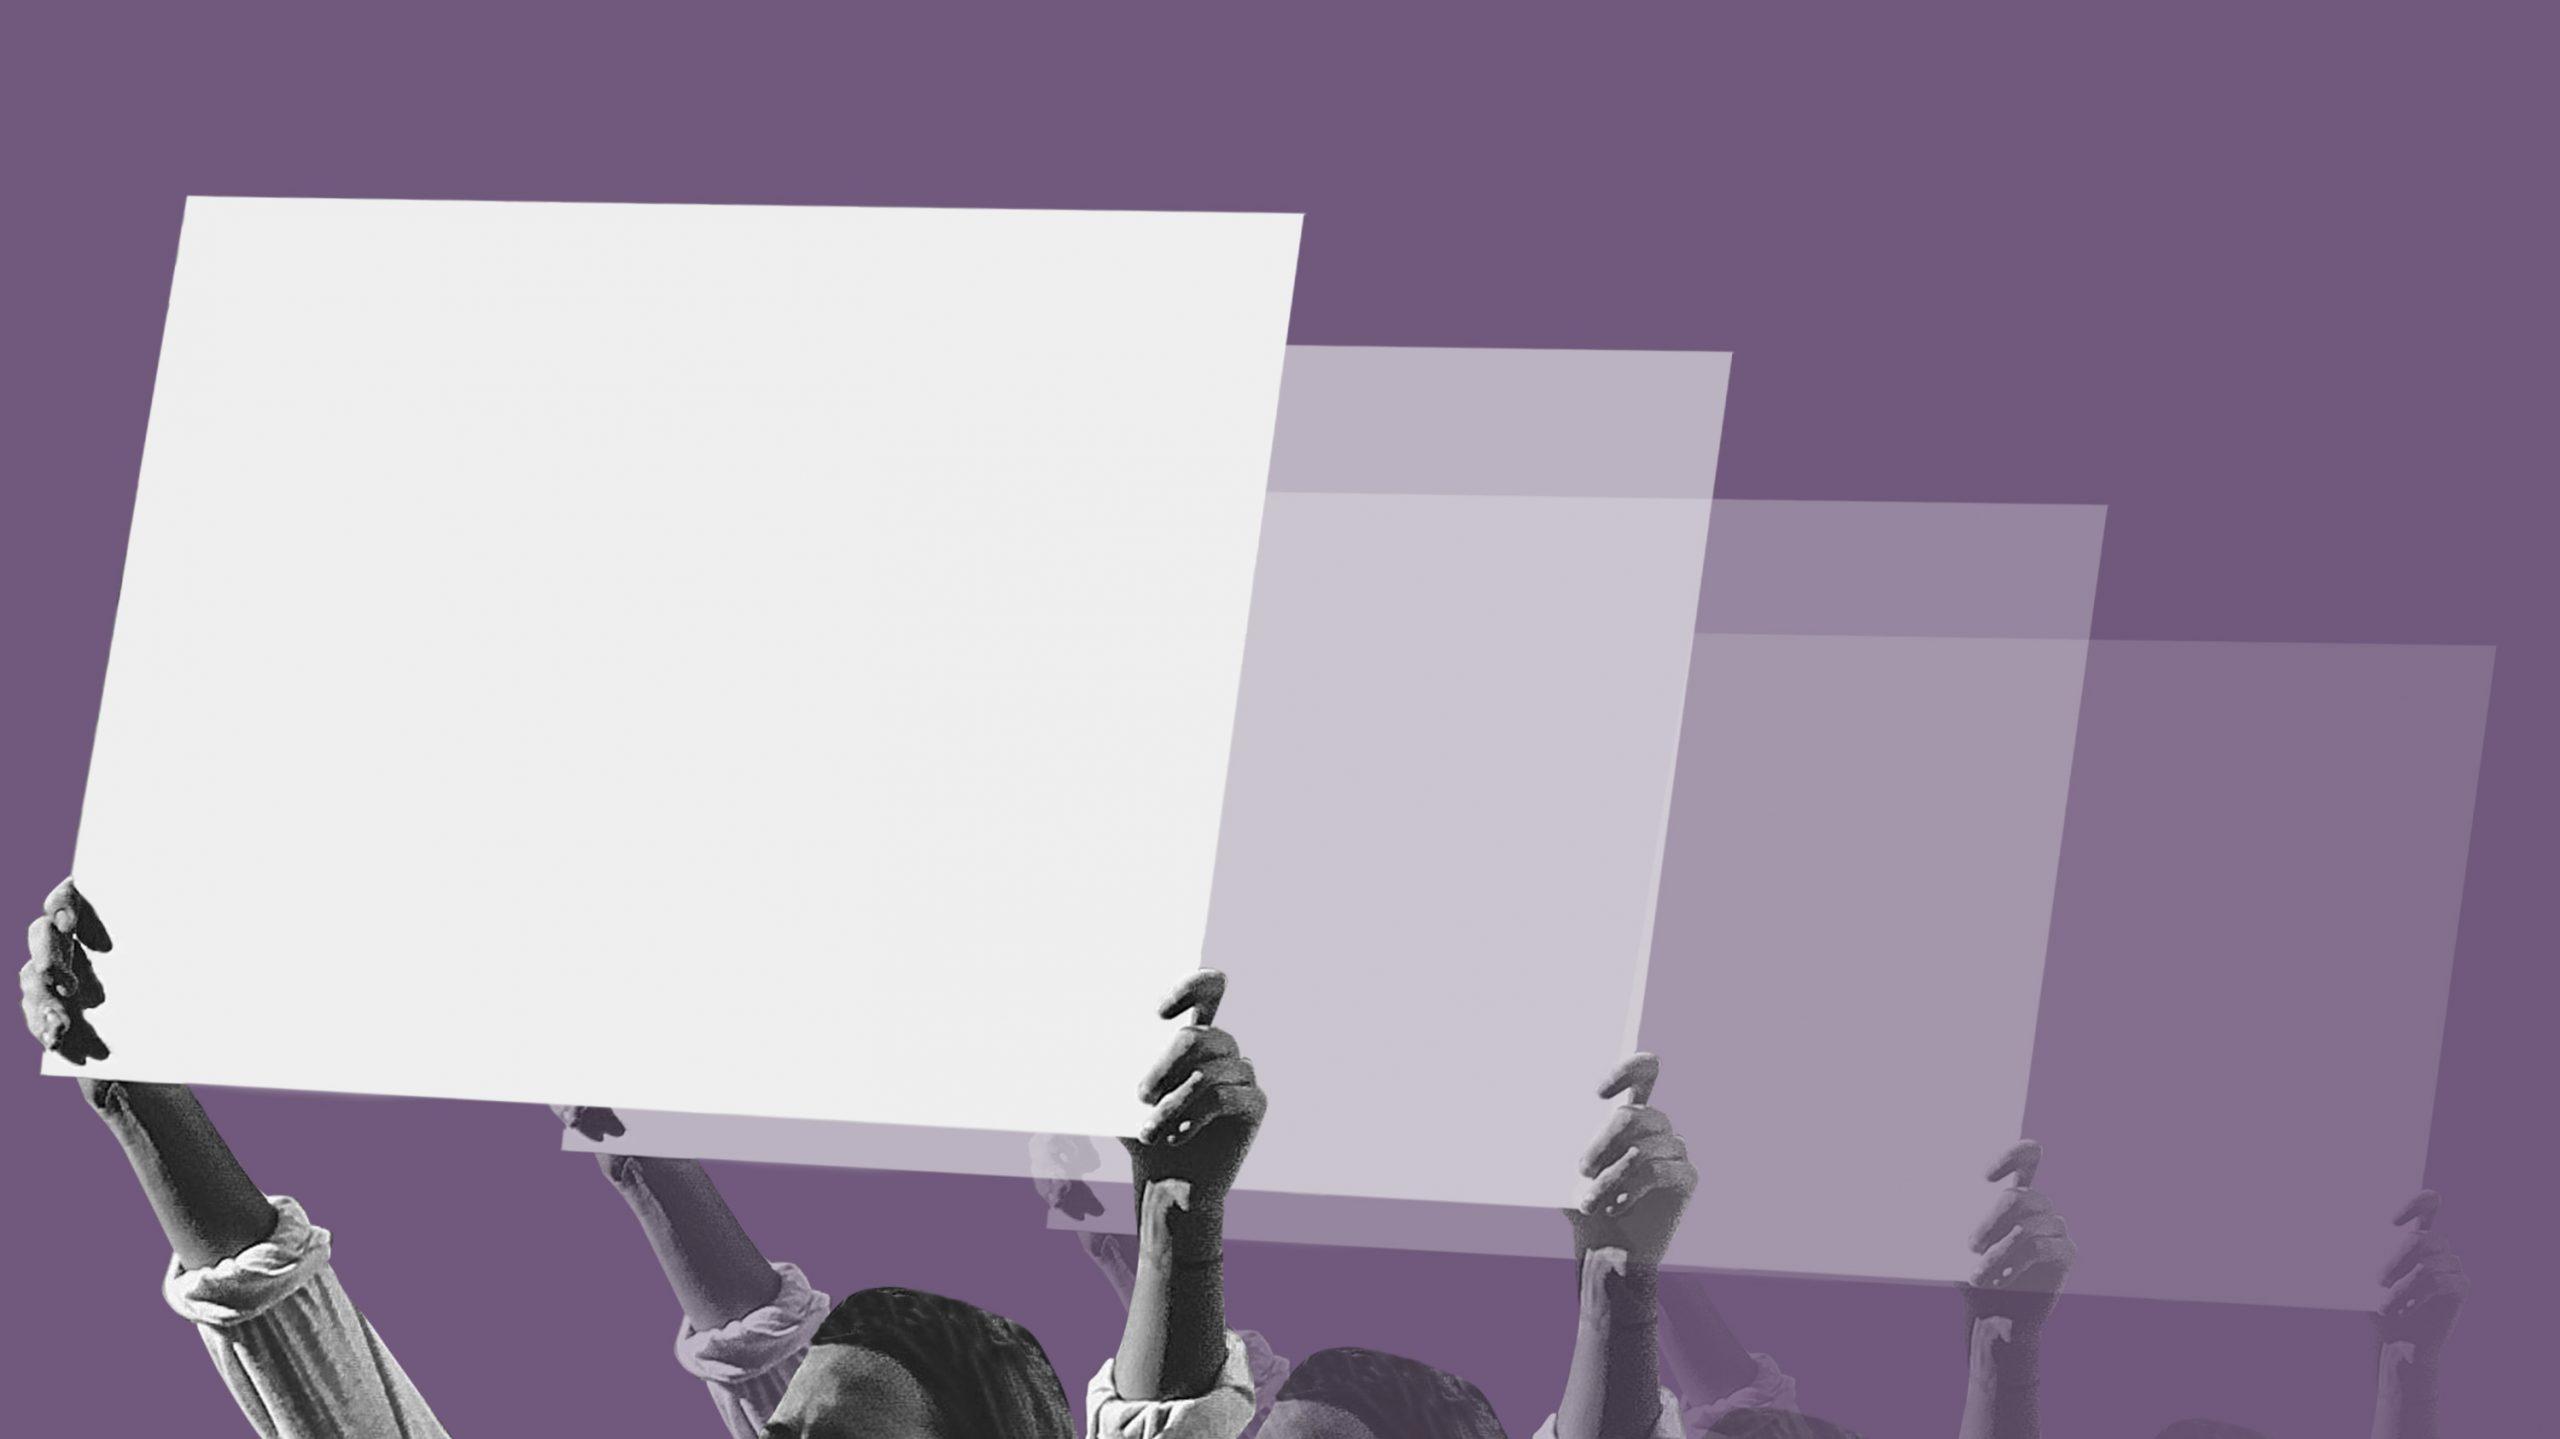 「抗議のインターネット」で 見直されるWebの価値、 単一ページが運動の拠点に